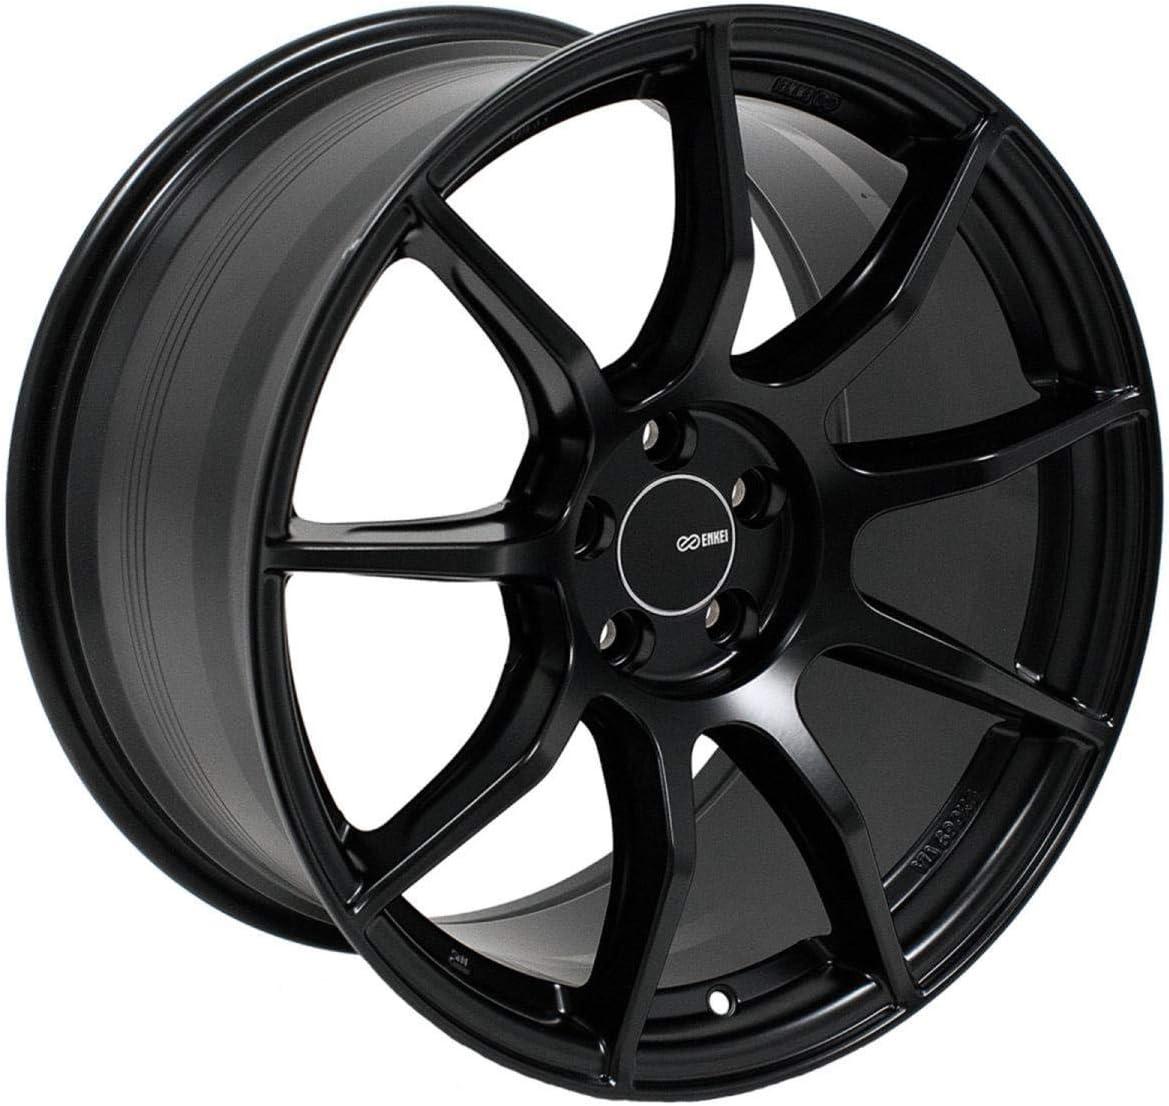 Matte Black 492-885-8040BK 18x8.5 Enkei TS9 Wheels//Rims 5x100